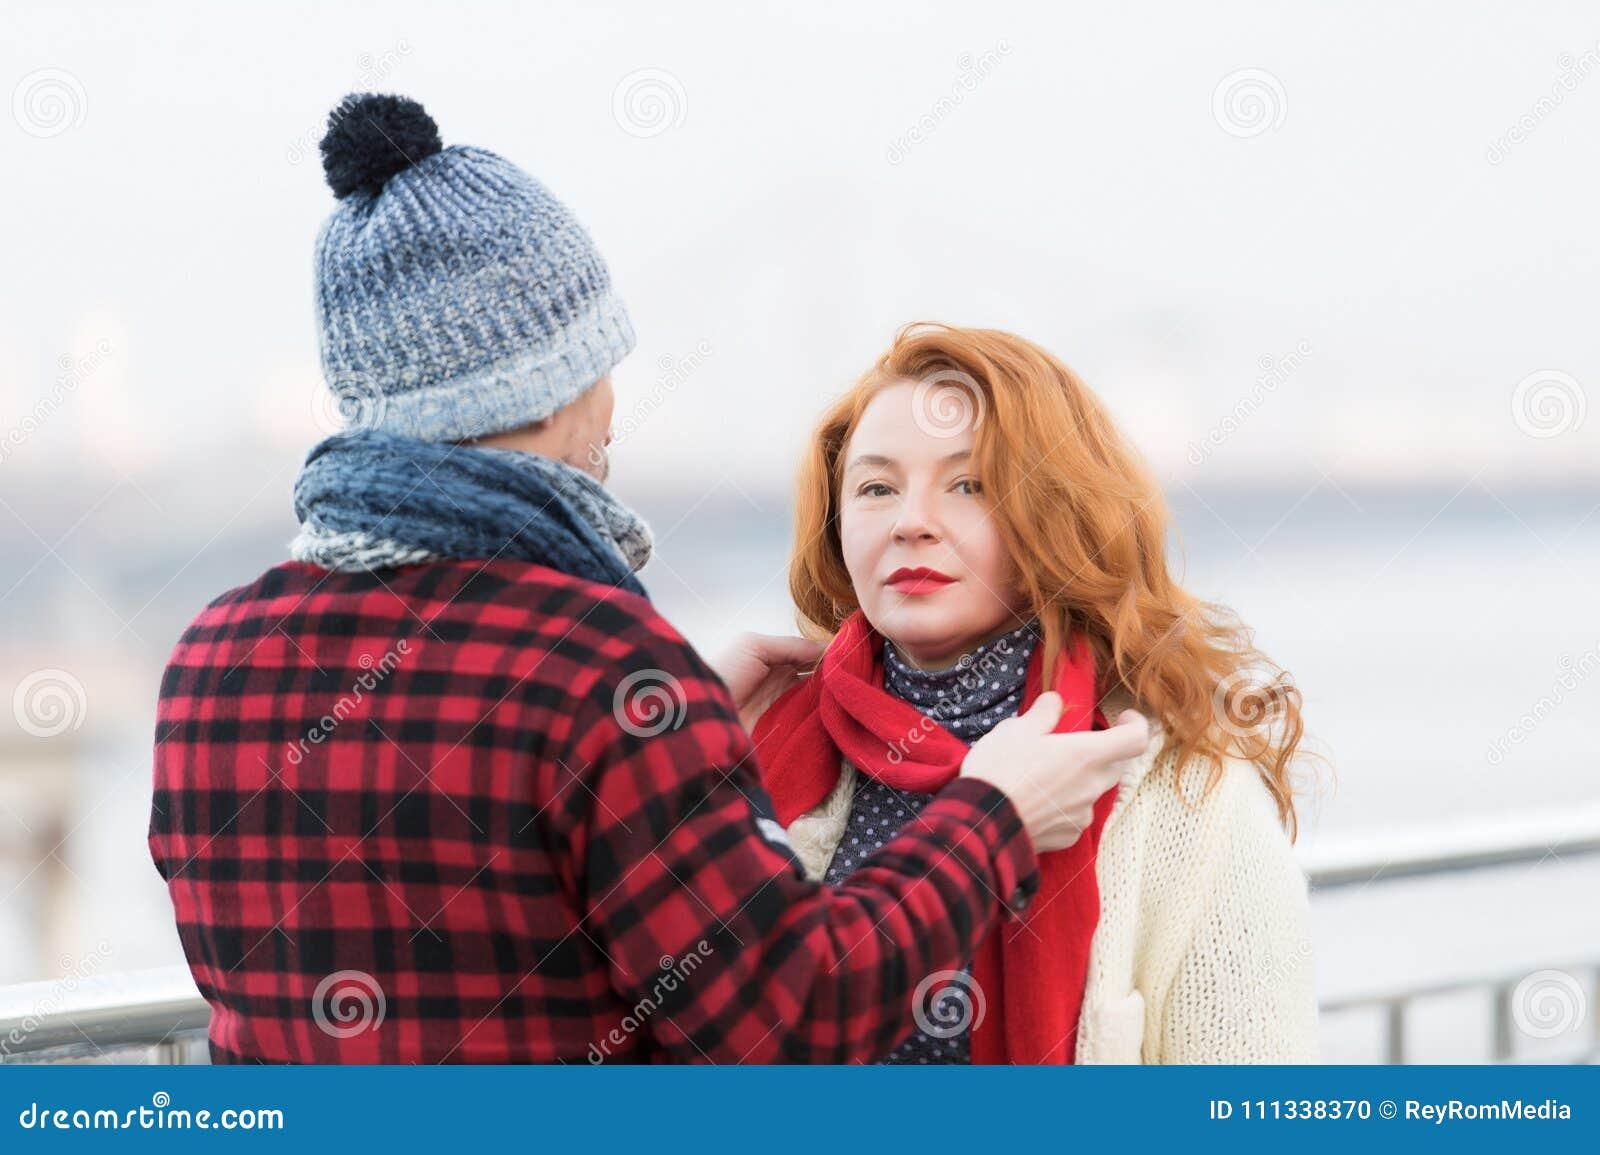 Снеграми грубое фото с женщиной муж